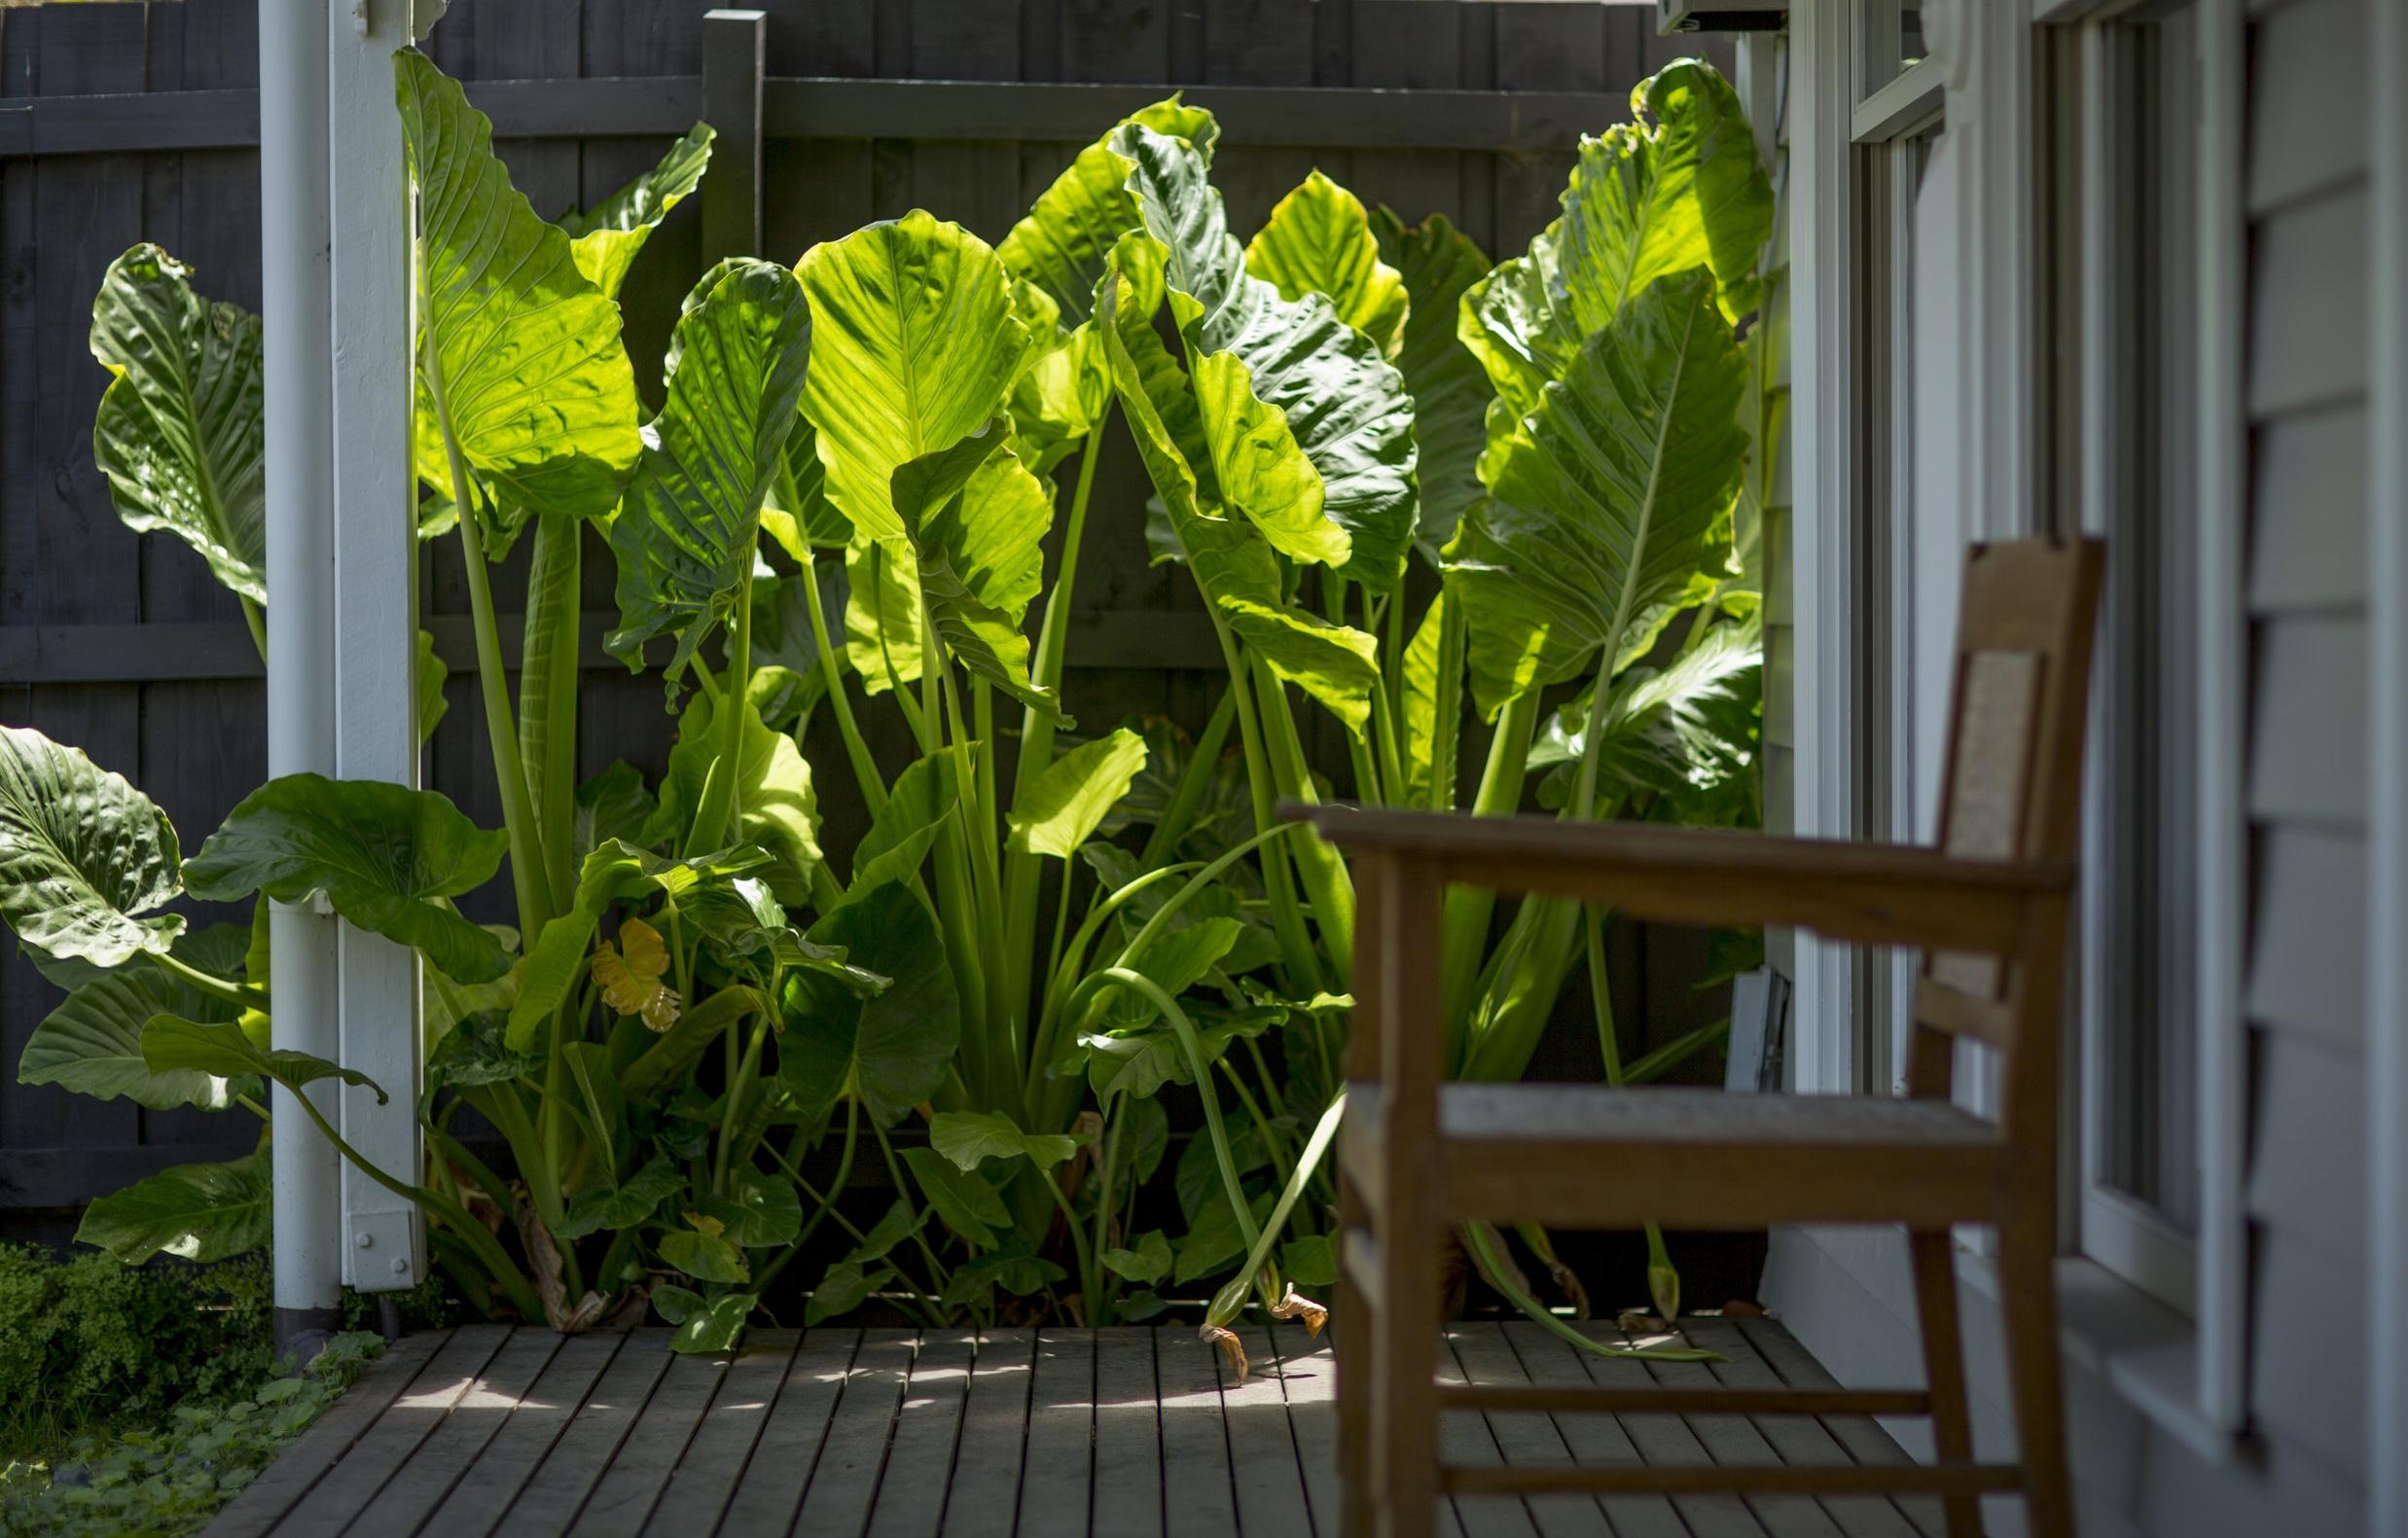 Lush Garden - Balaclava